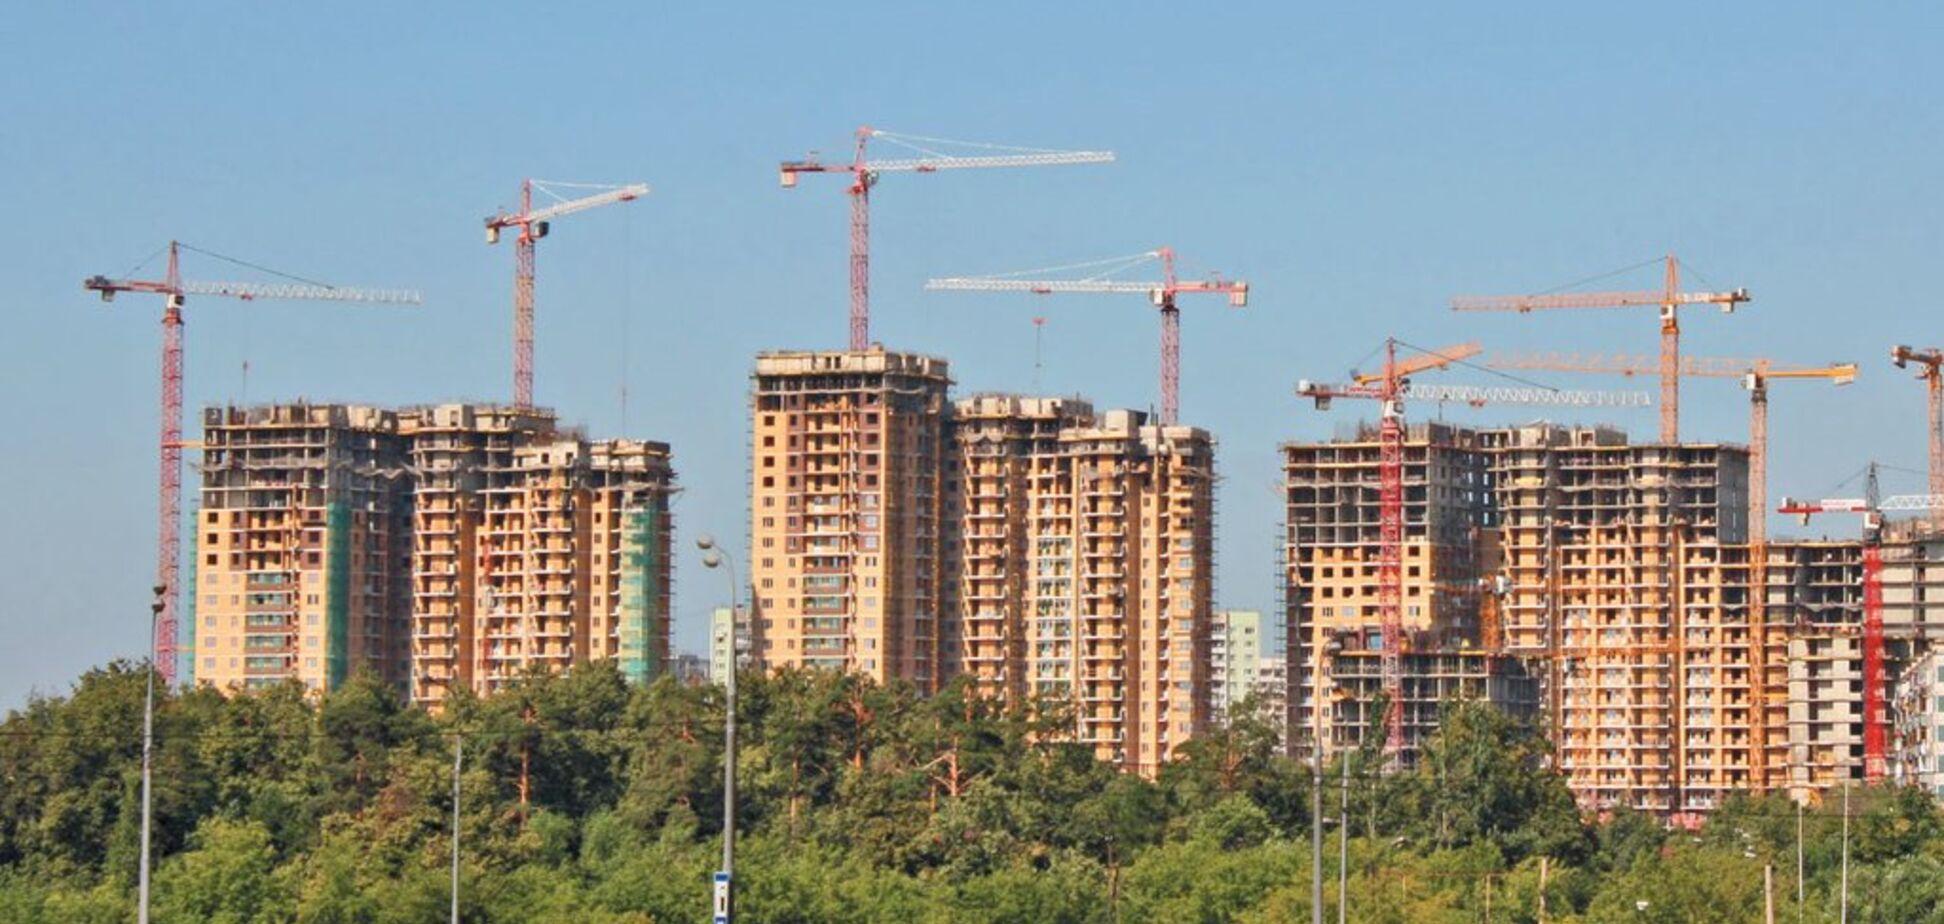 Цены подскочили: на сколько в Киеве подорожали квартиры в новостройках